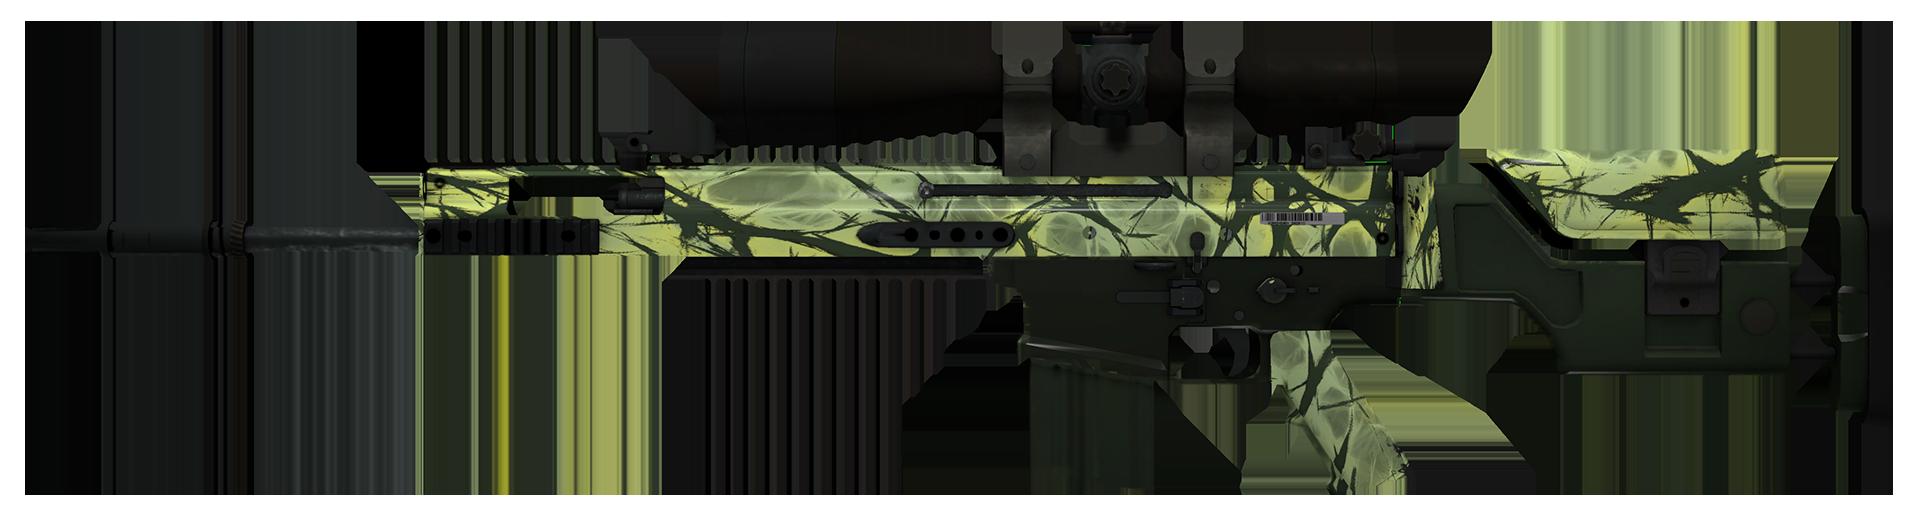 SCAR-20 Outbreak Large Rendering